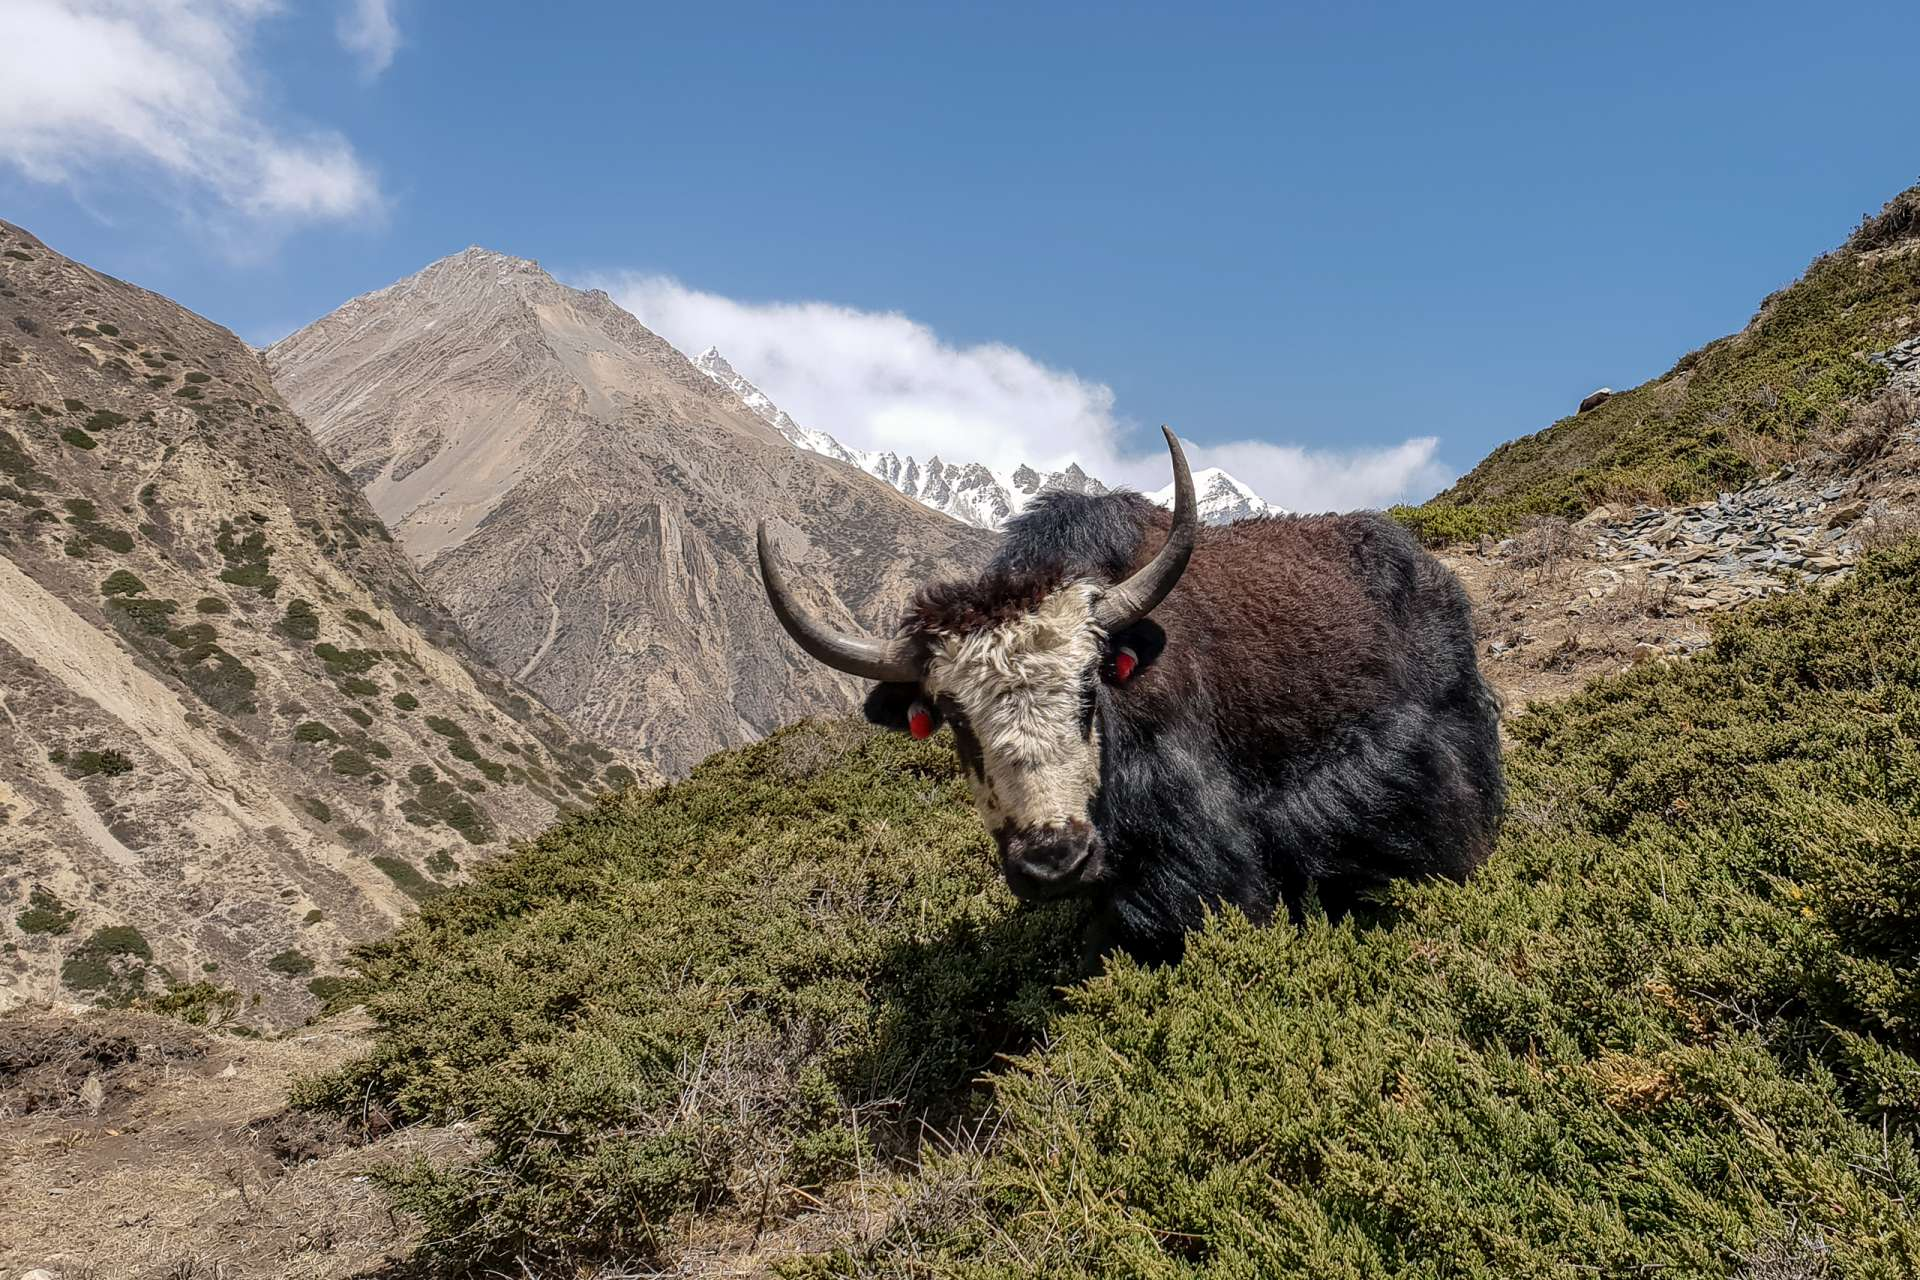 Nepal Annapurna Circuit trekking